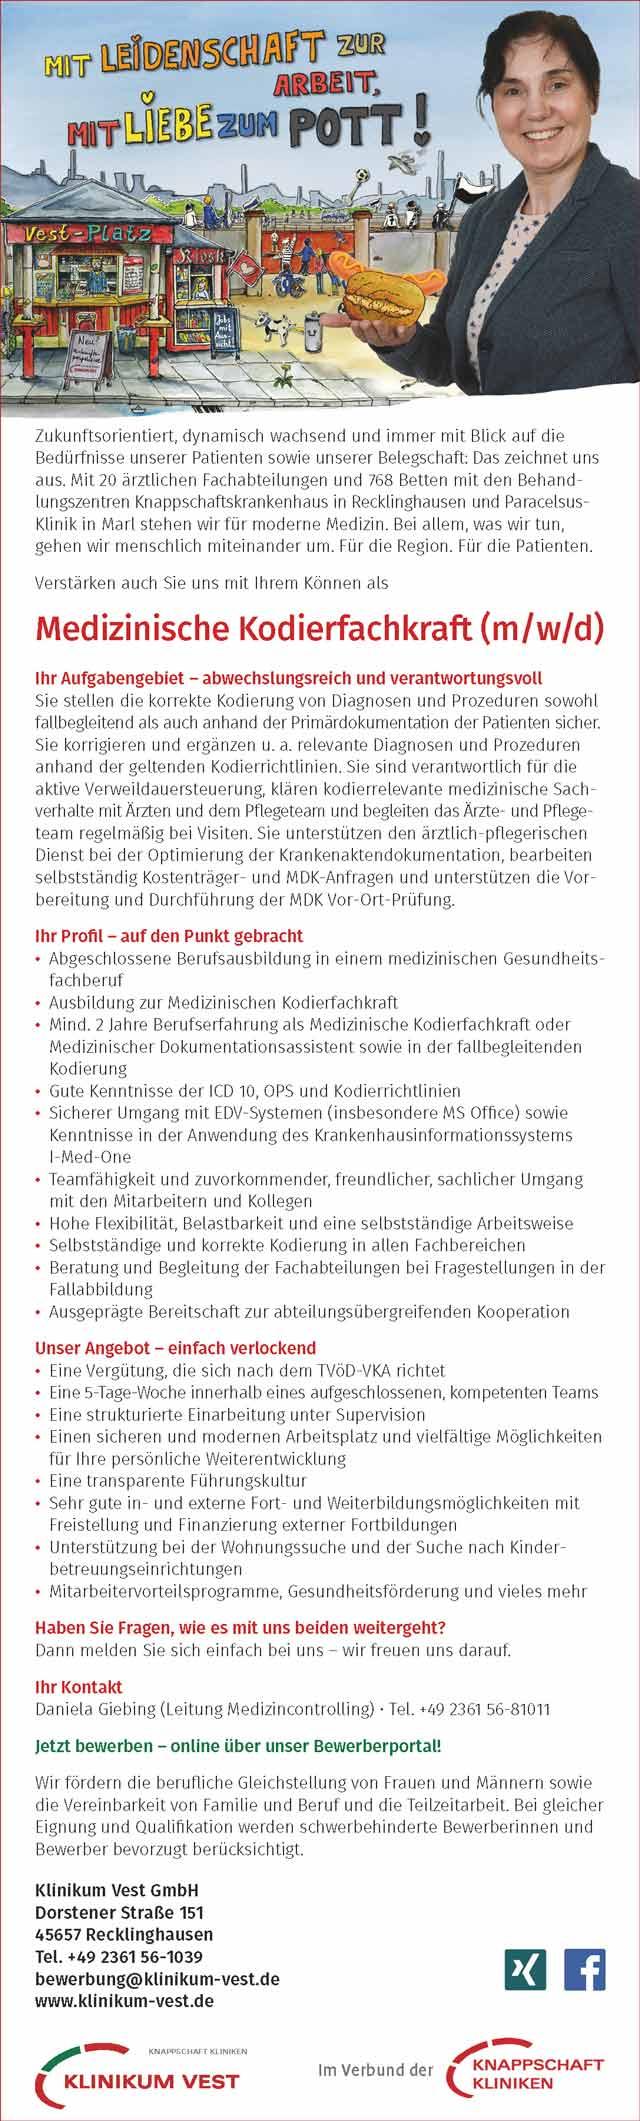 Klinikum Vest GmbH Recklinghausen: Medizinische Kodierfachkraft (m/w/d)